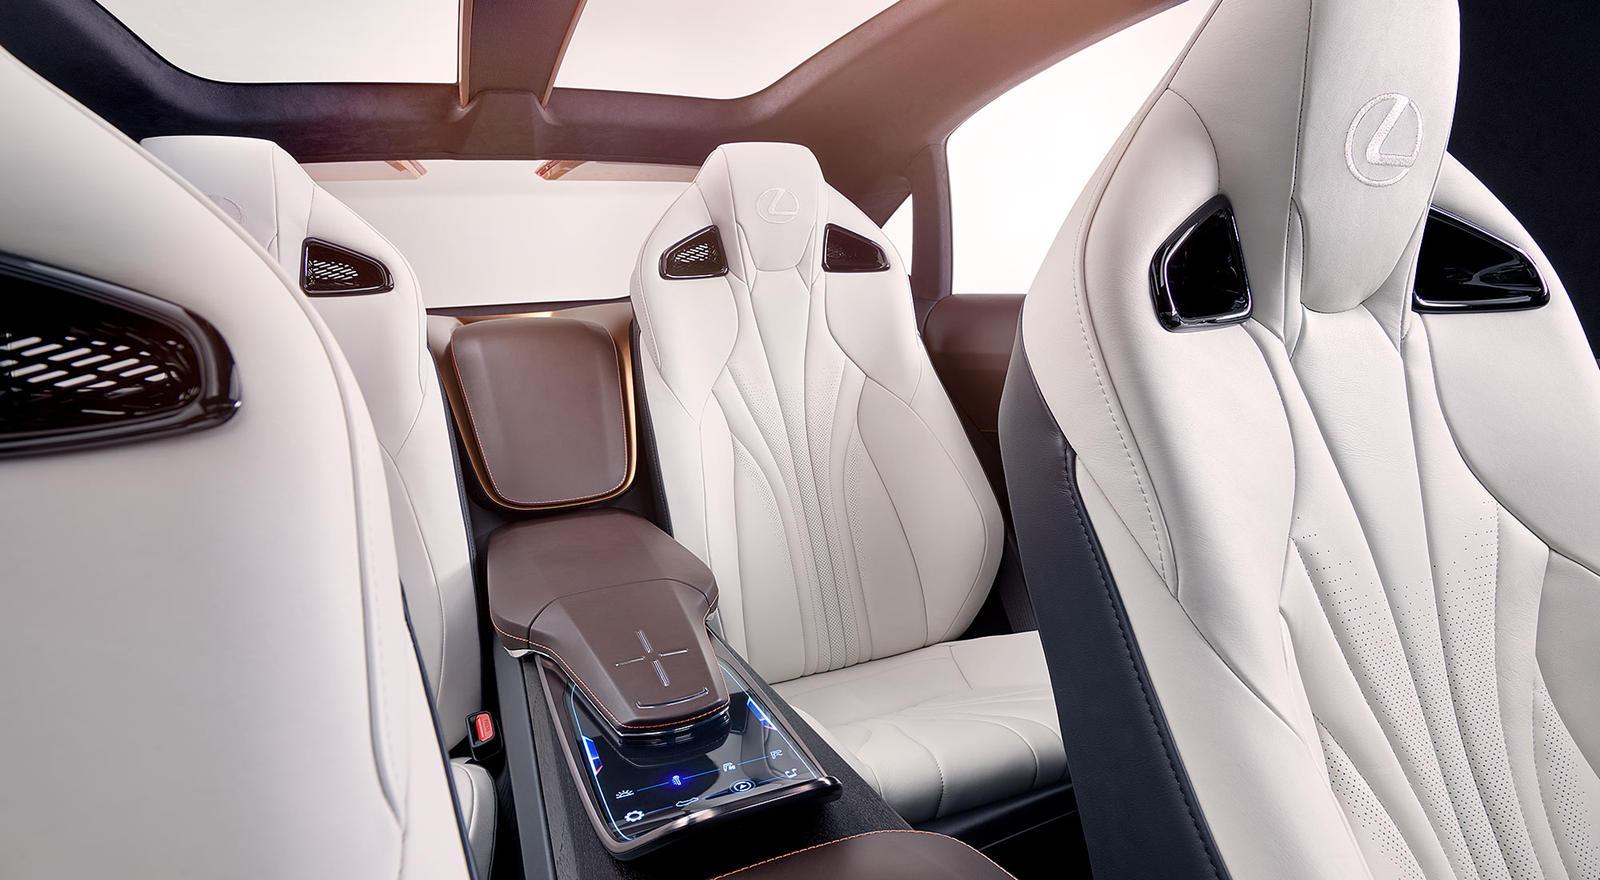 Если Lexus действительно получит возможность создать модель F-исполнения - и мы ожидаем, что это произойдет, учитывая абсурдную популярность кроссоверов на сегодняшнем рынке новых автомобилей - он может получить превосходный V8 с двойным турбонаддуво